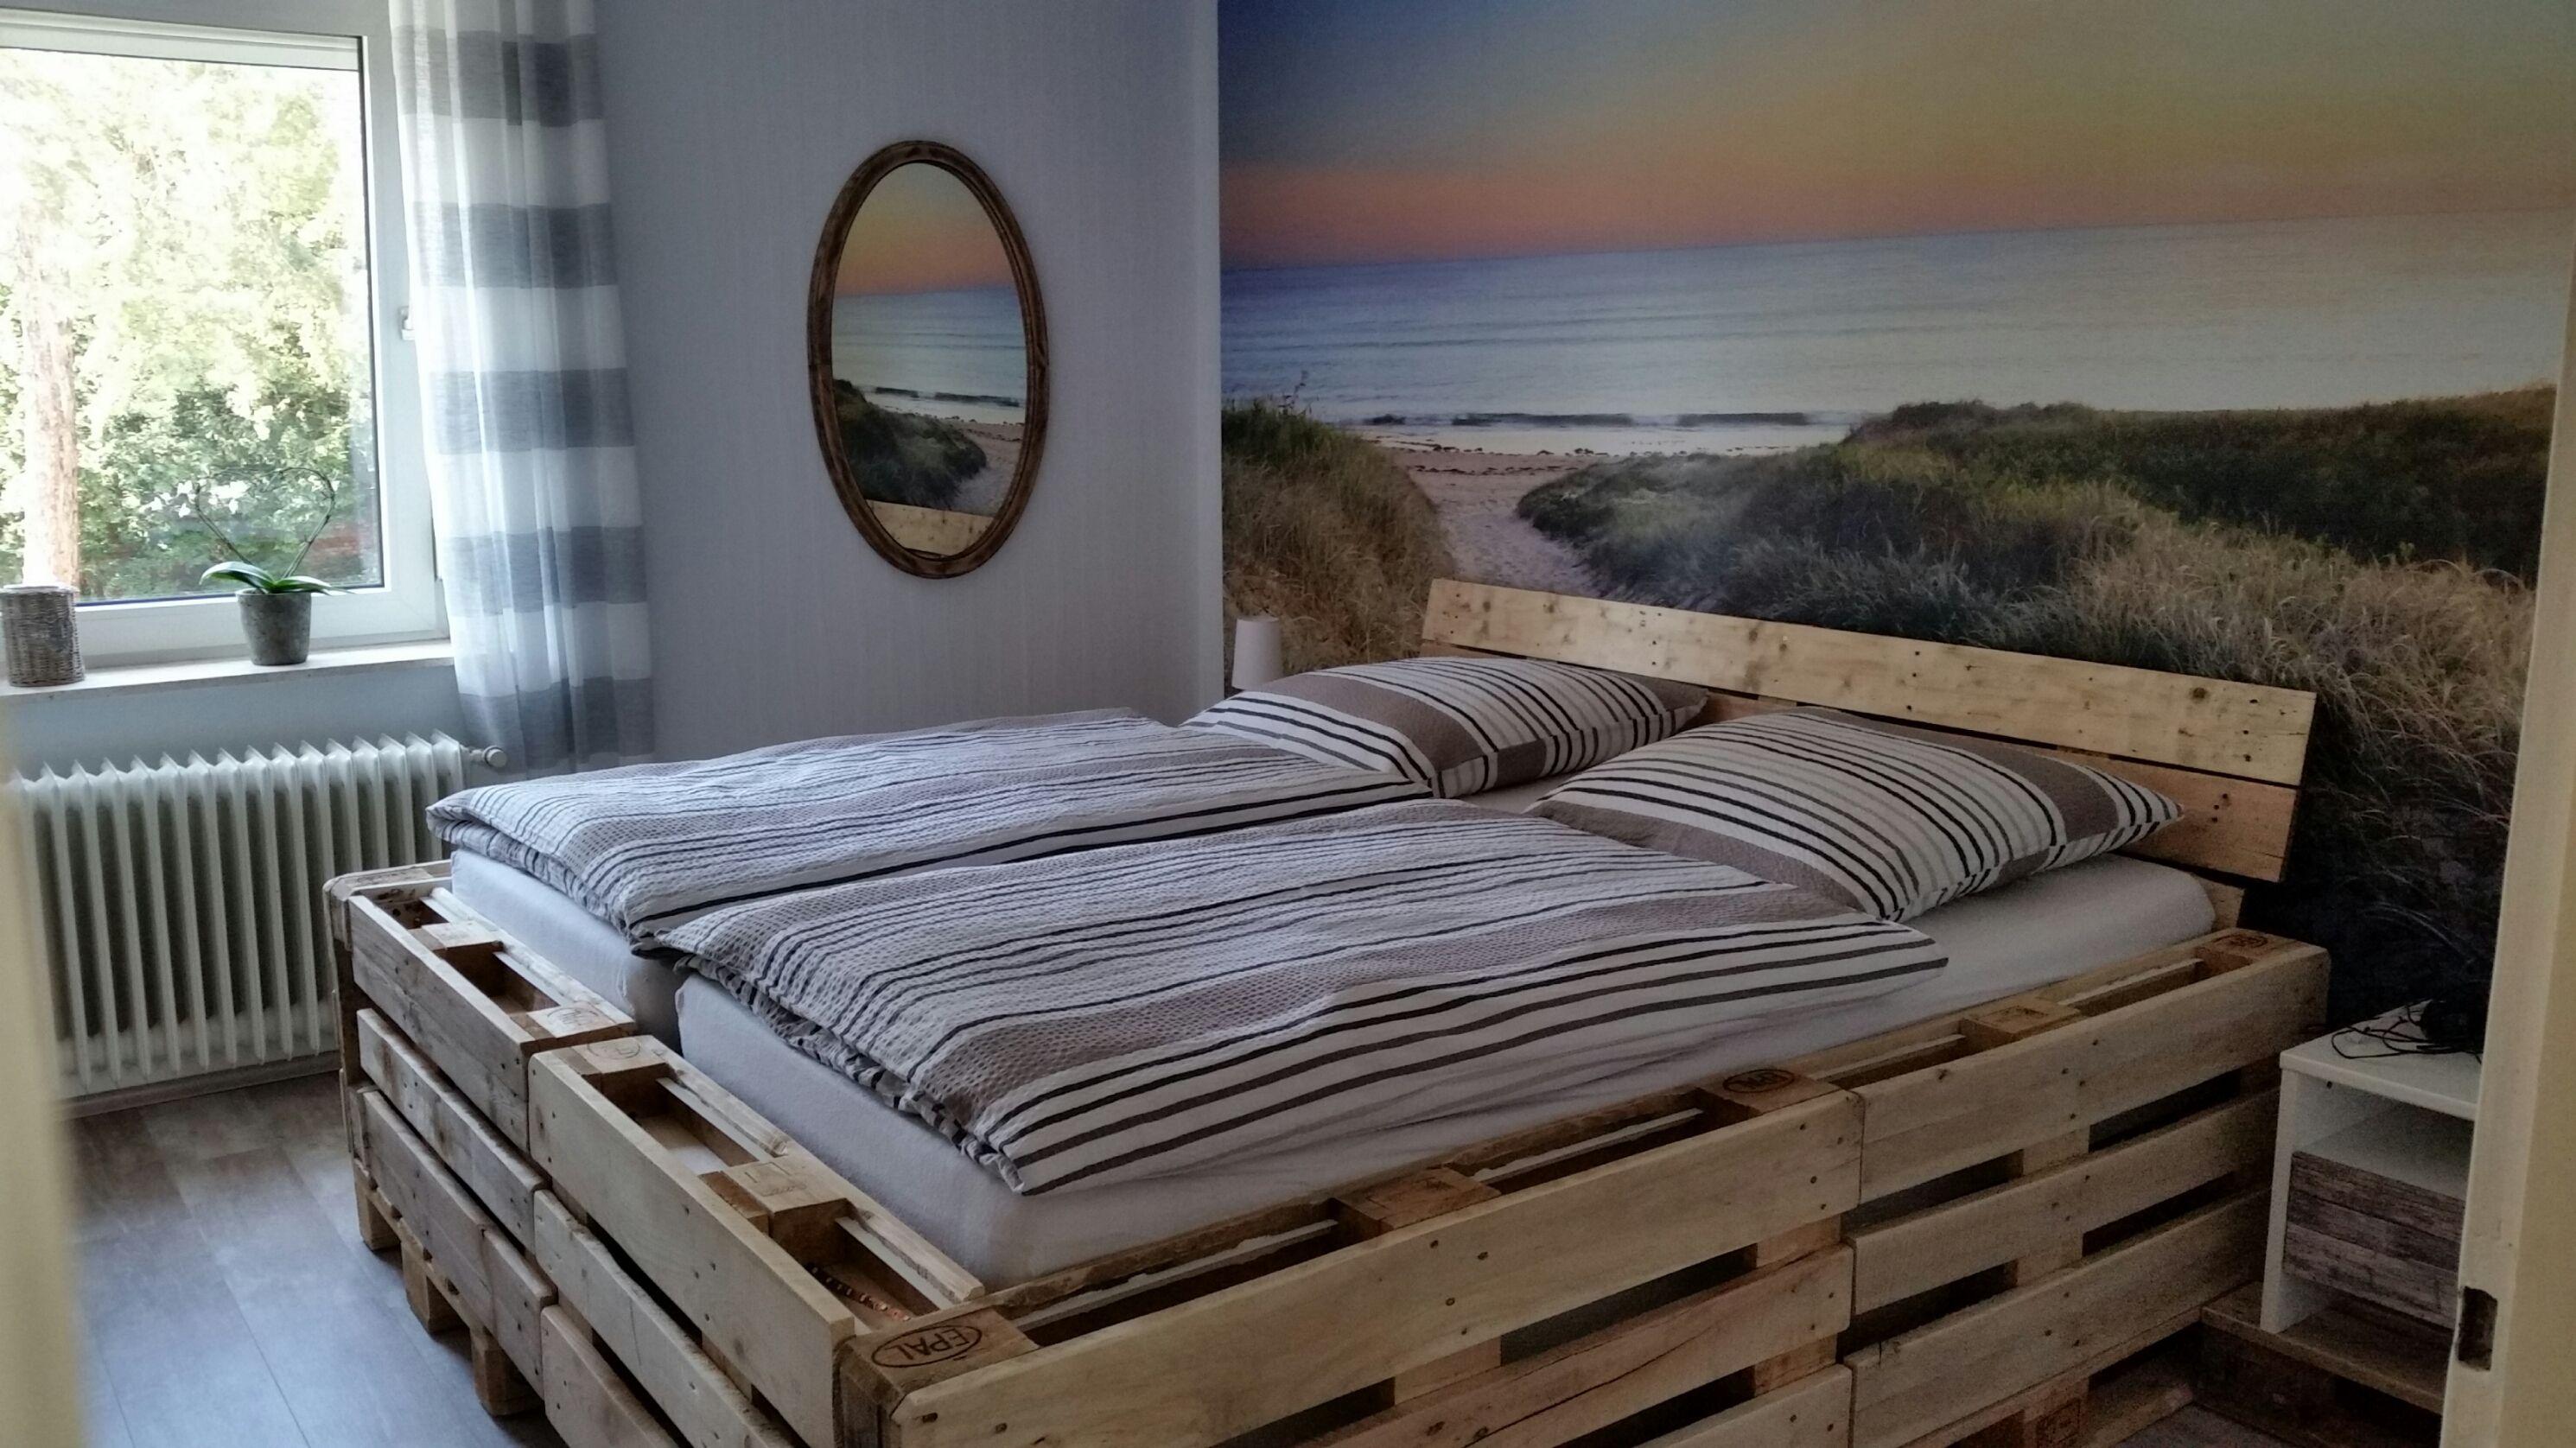 Euro Paletten Bett Mit Led Beleuchtung Bauanleitung Zum Selber Paletten Led Beleuchtung Europalette